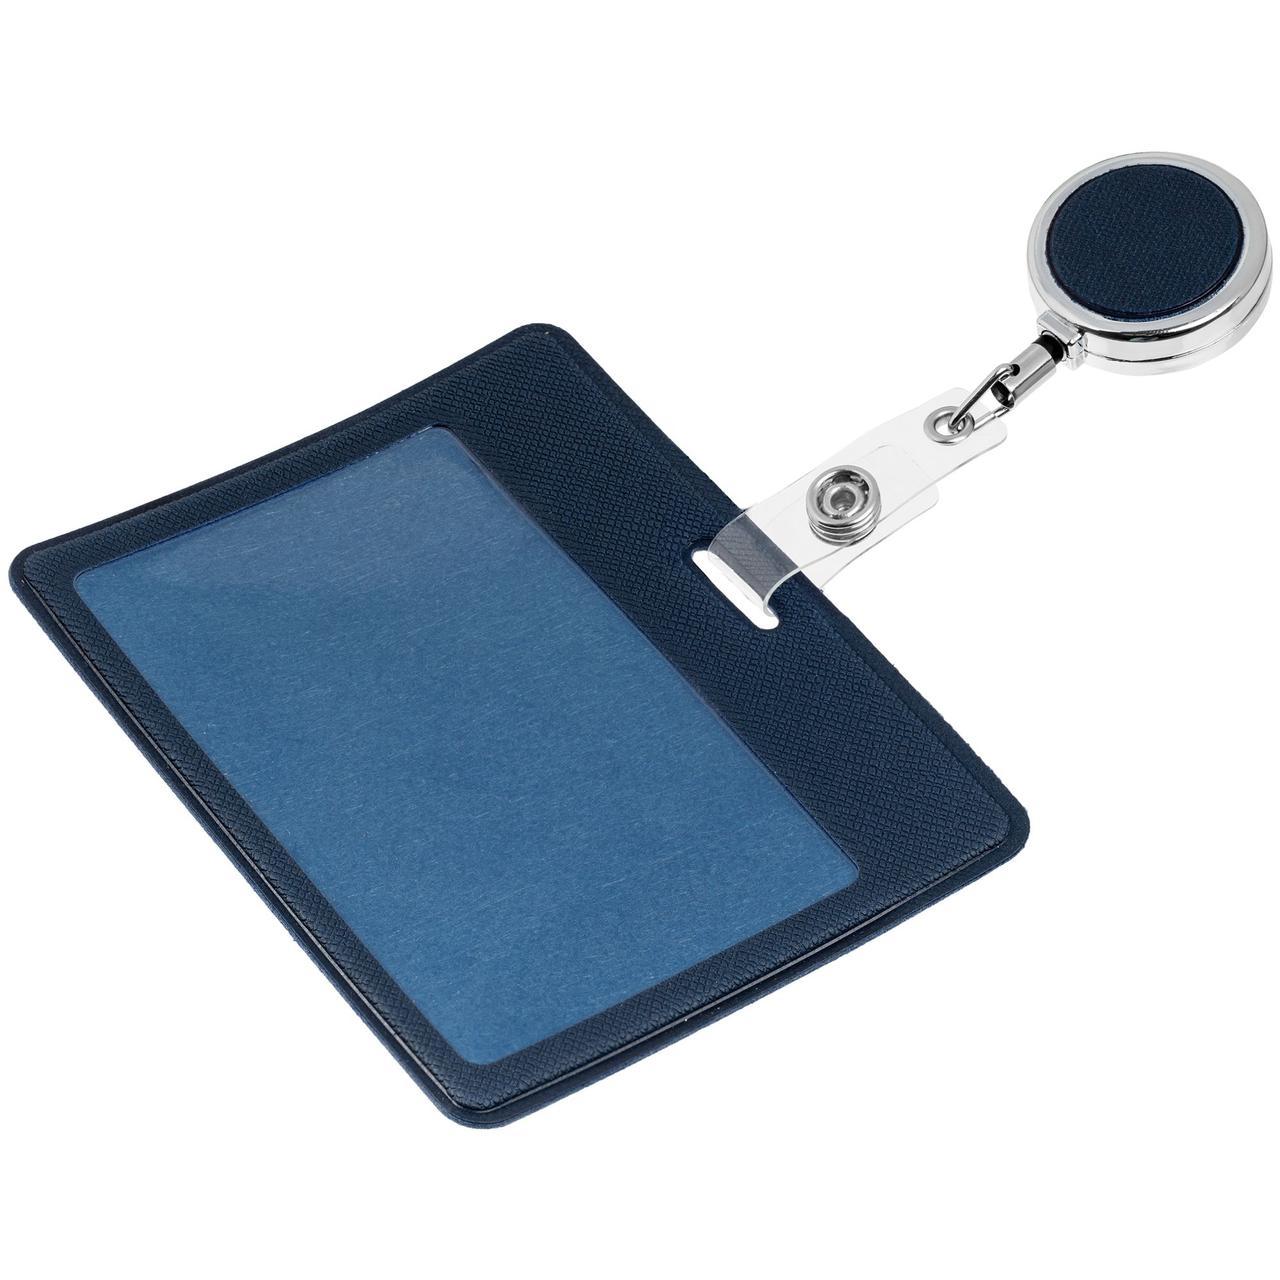 Чехол для карточки с ретрактором Devon, синий (артикул 11645.40)